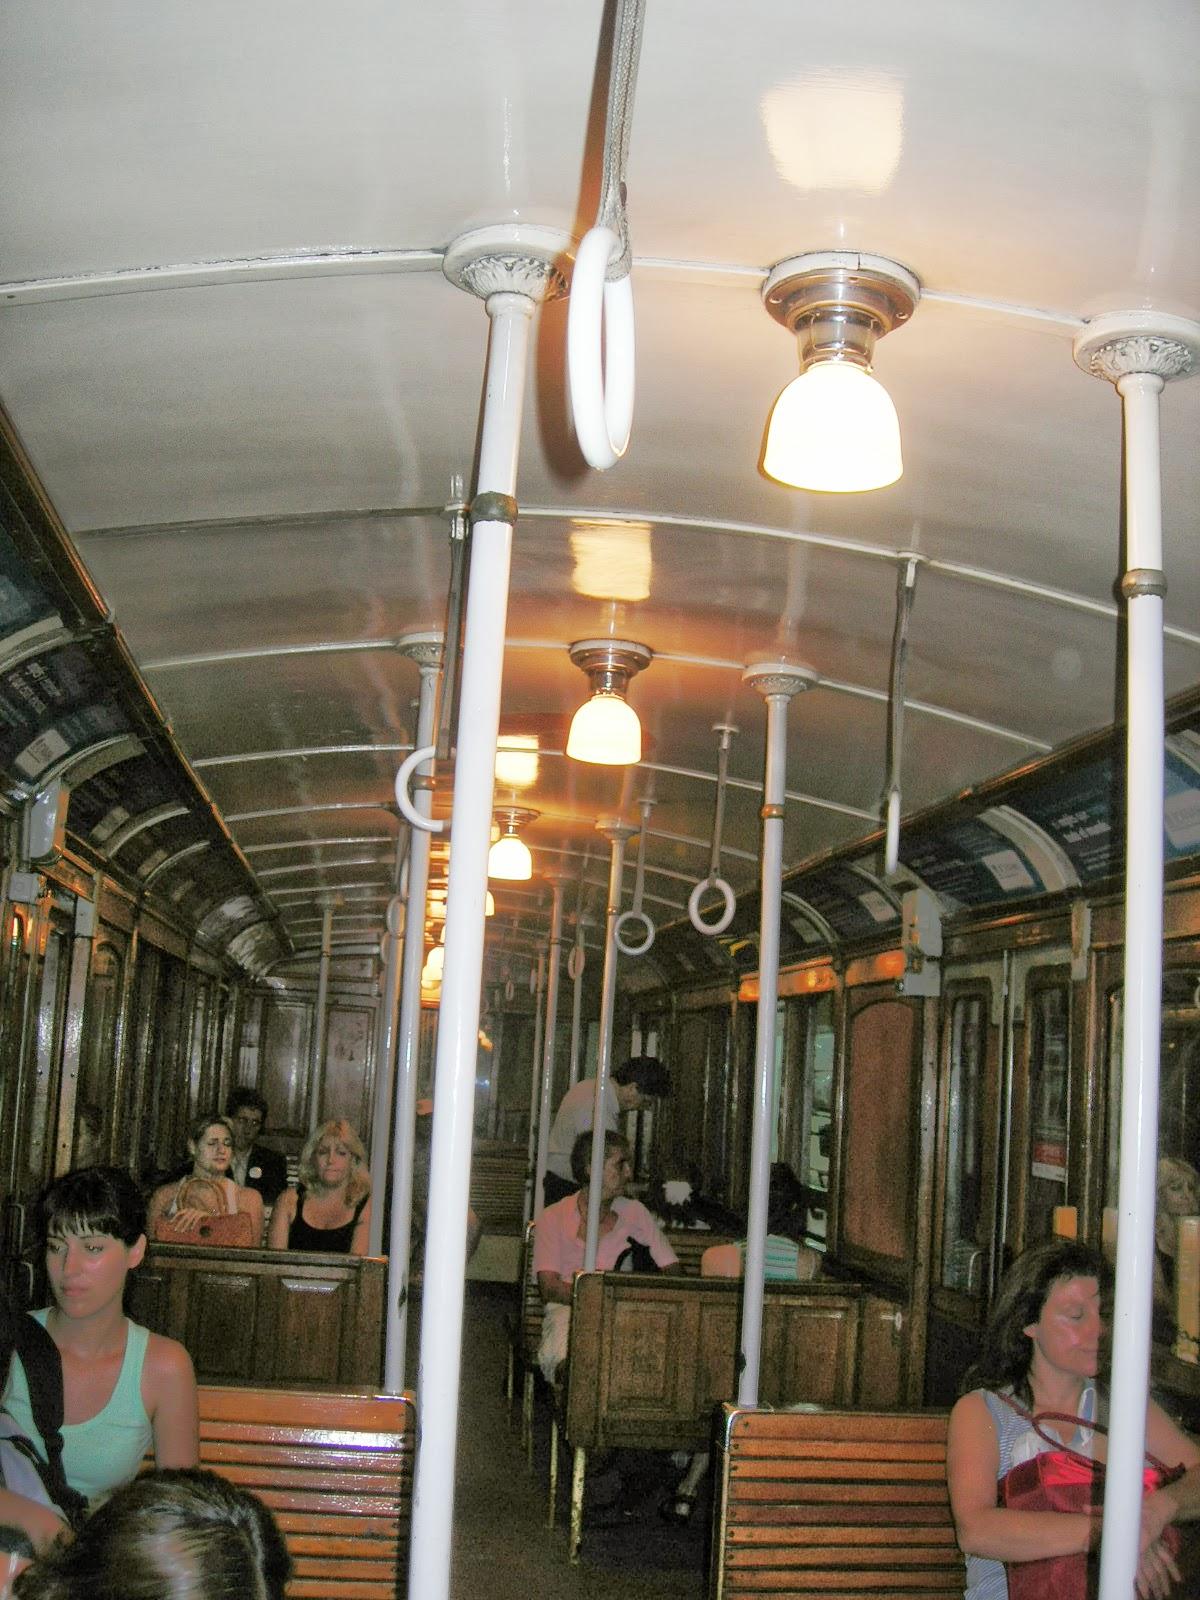 Linha A do metrô de Buenos Aires, o metrô mais antigo da América Latina